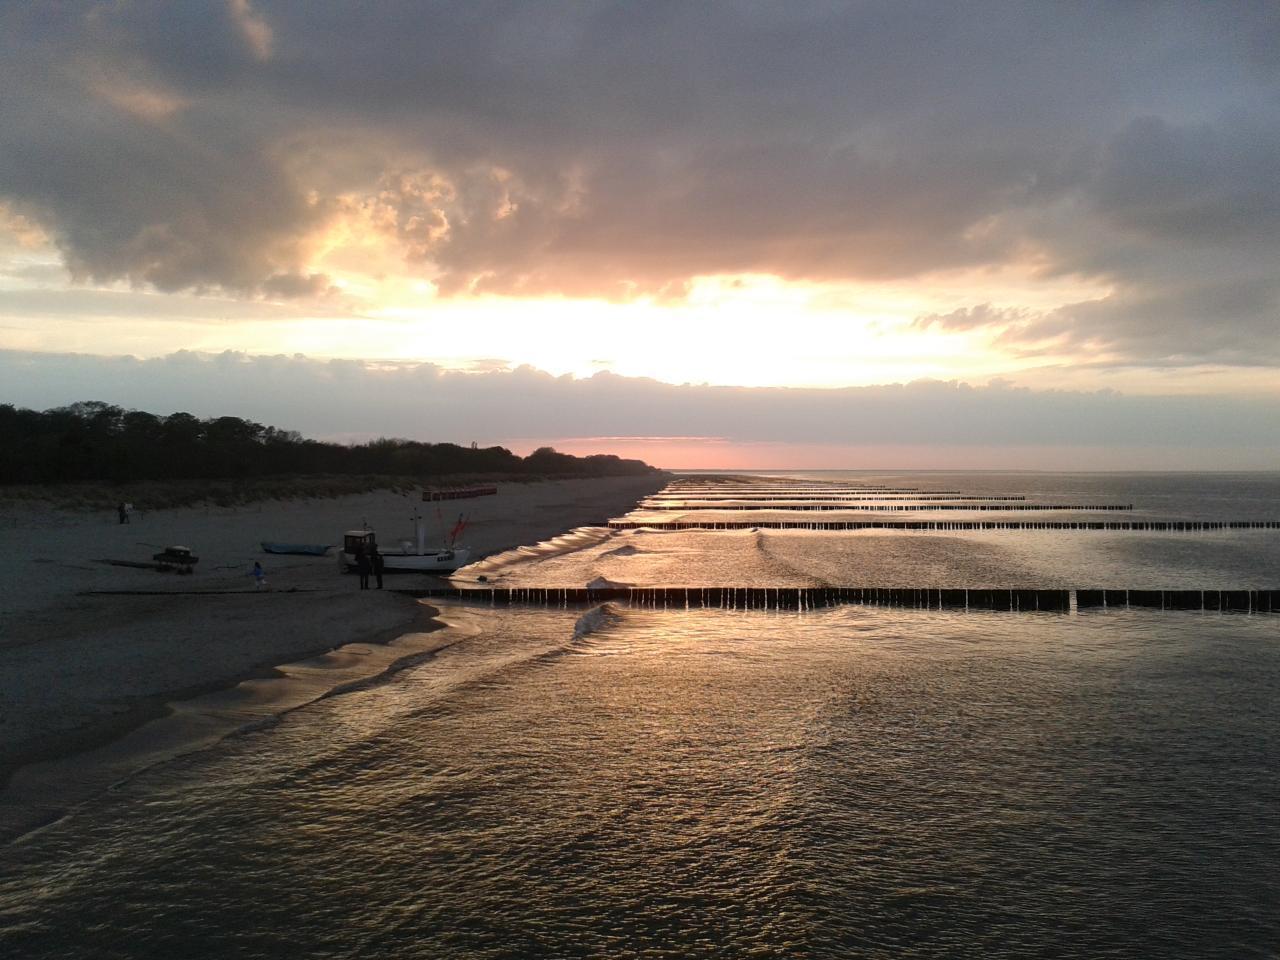 Ferienwohnung Black Pearl *** nur 400m zum Ostseesandstrand*** (381382), Koserow, Usedom, Mecklenburg-Vorpommern, Deutschland, Bild 18